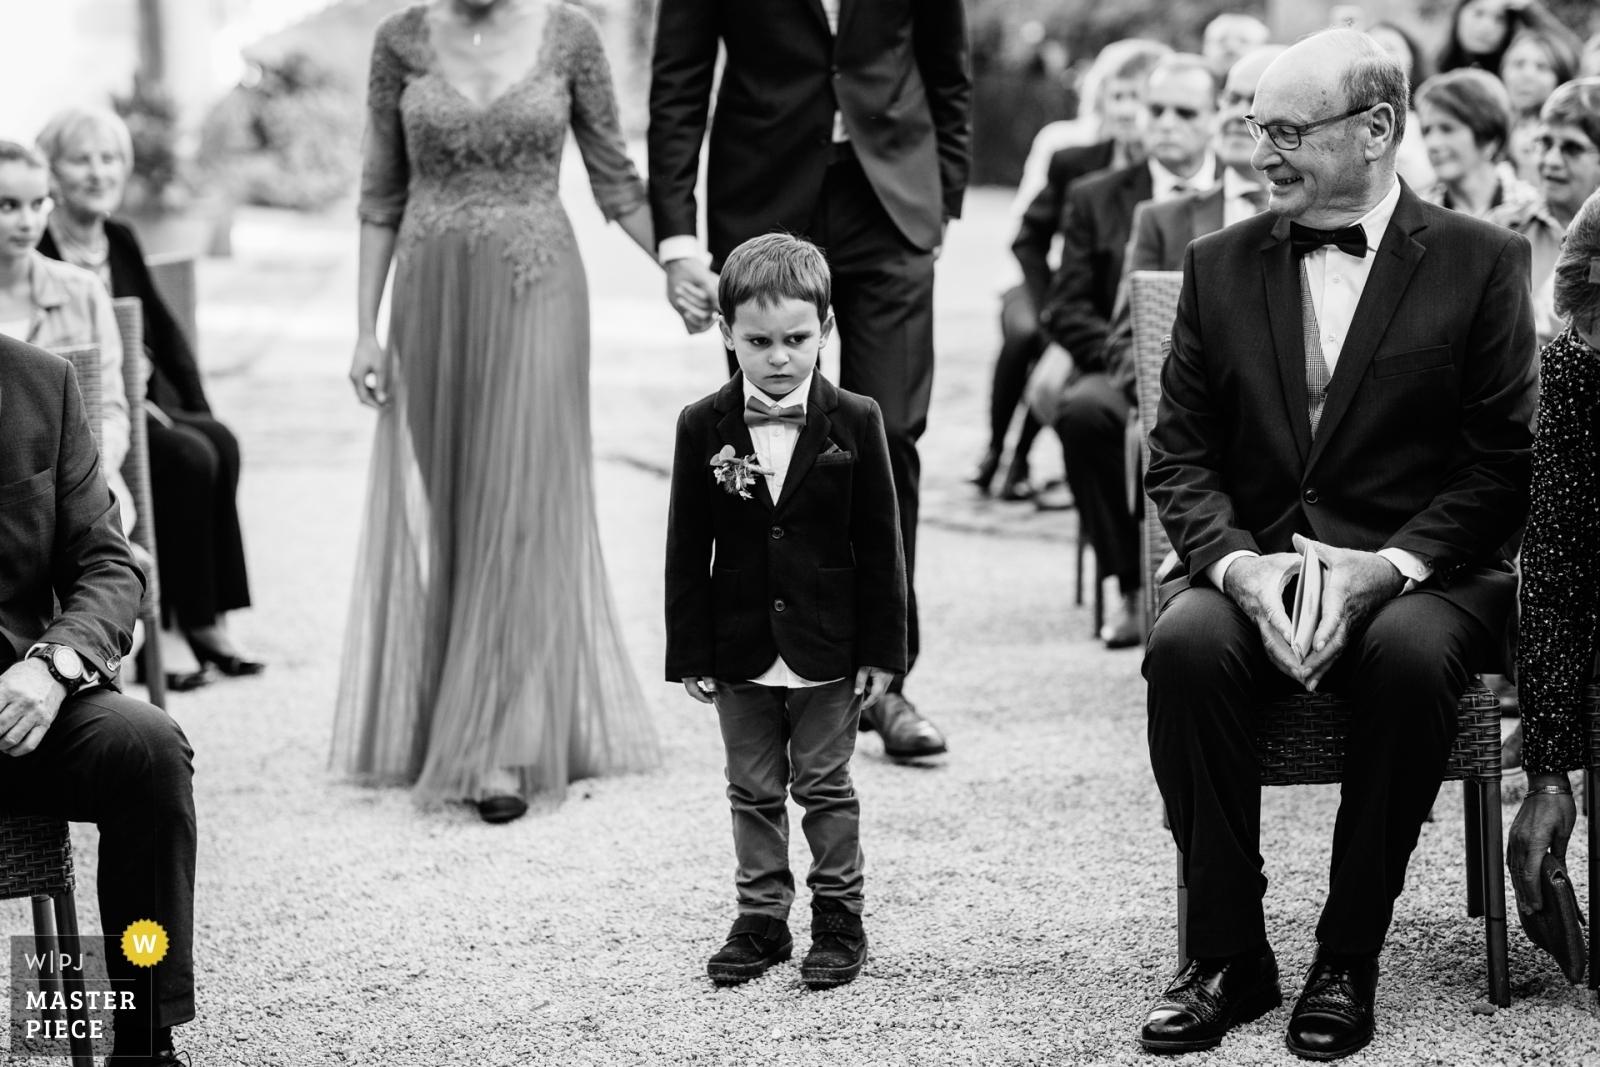 Le fils qui veut rester avec sa maman - Auvergne-Rhône-Alpes, France Wedding Photography -  | La médicée